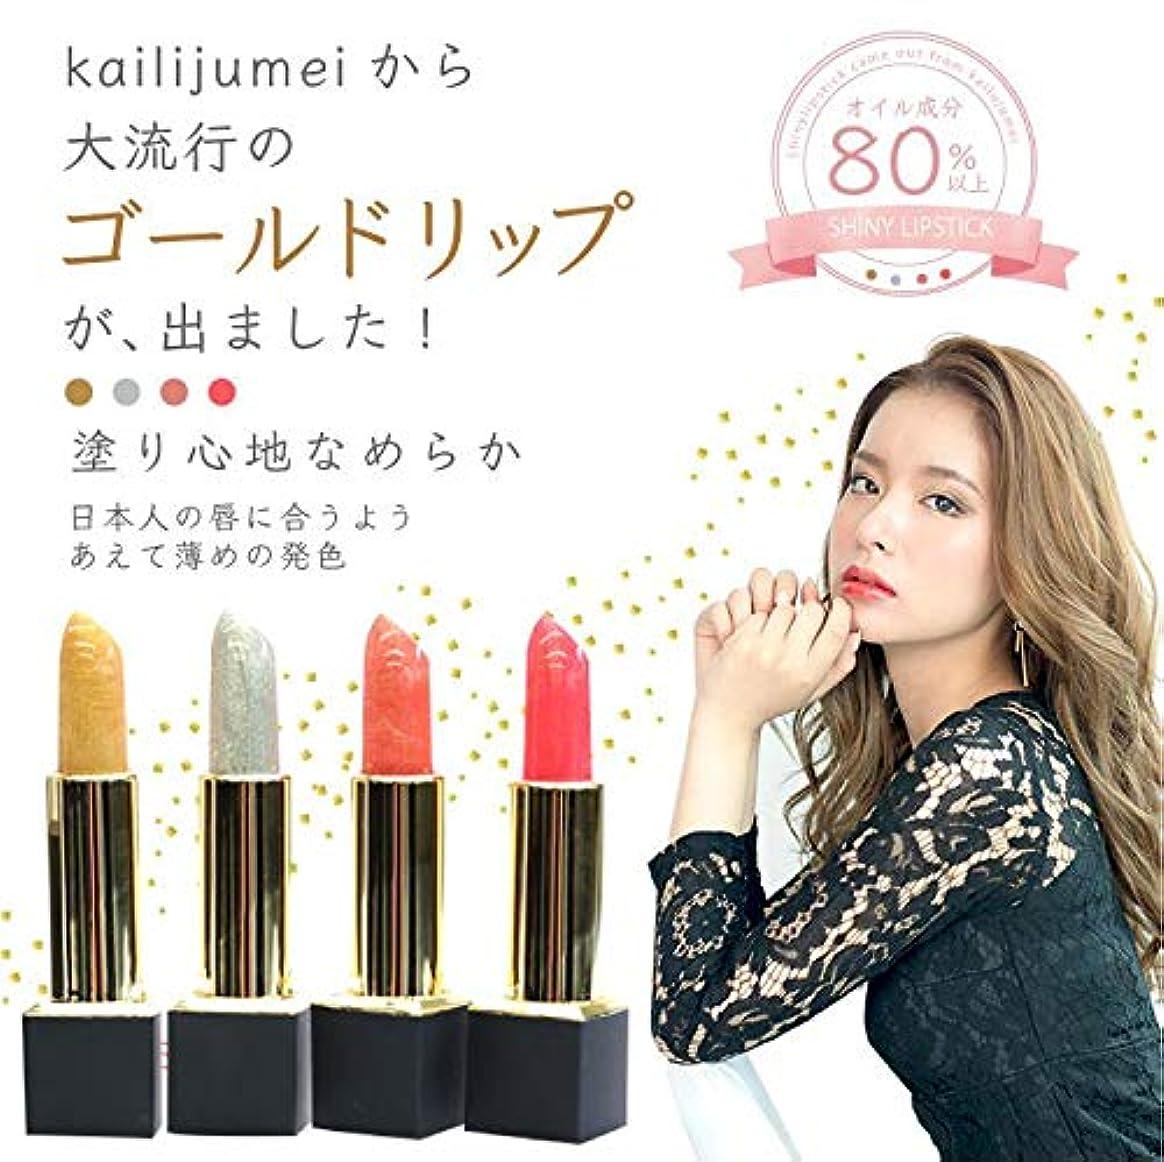 扱う中性倉庫Kailijumei シャイニーリップ ひと塗りでゴージャスな唇へ ゴールドリップ 口紅 (ヌーディオレンジ)